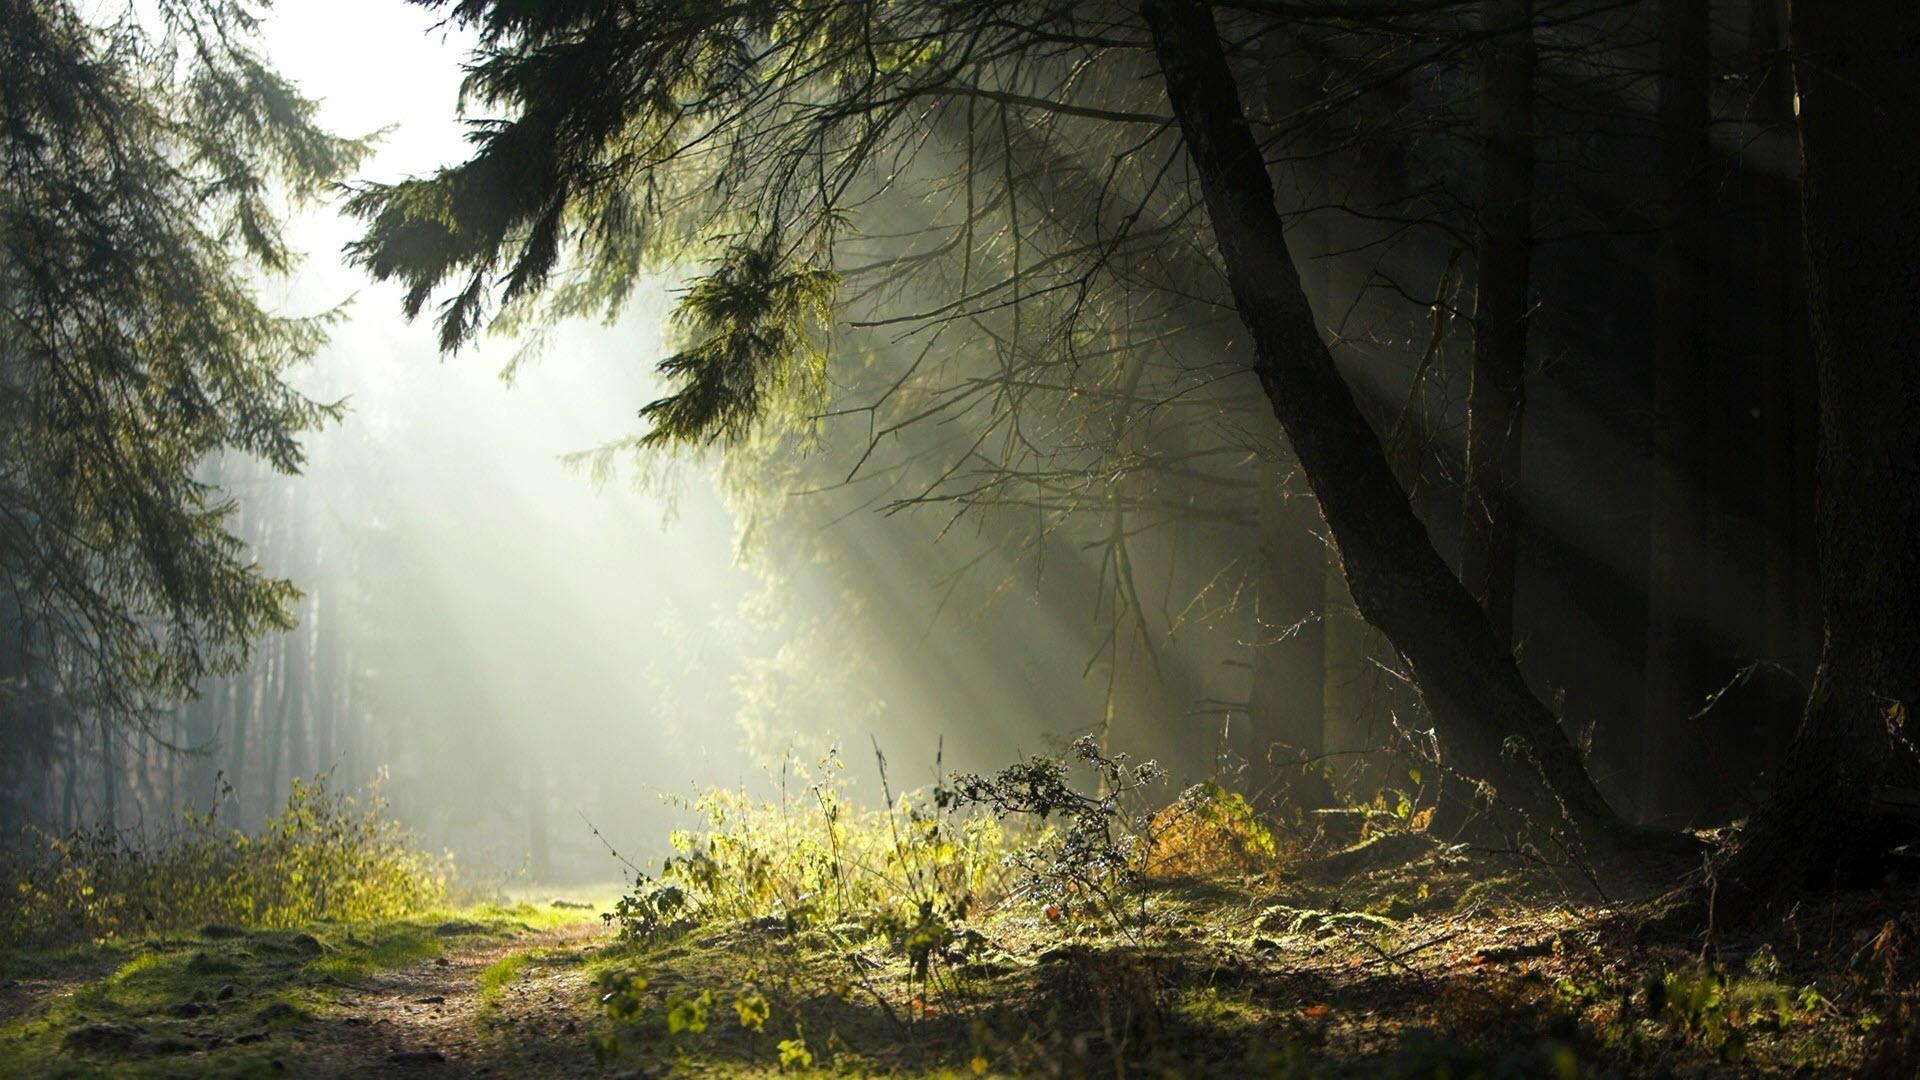 Hình nền phong cảnh hoang sơ